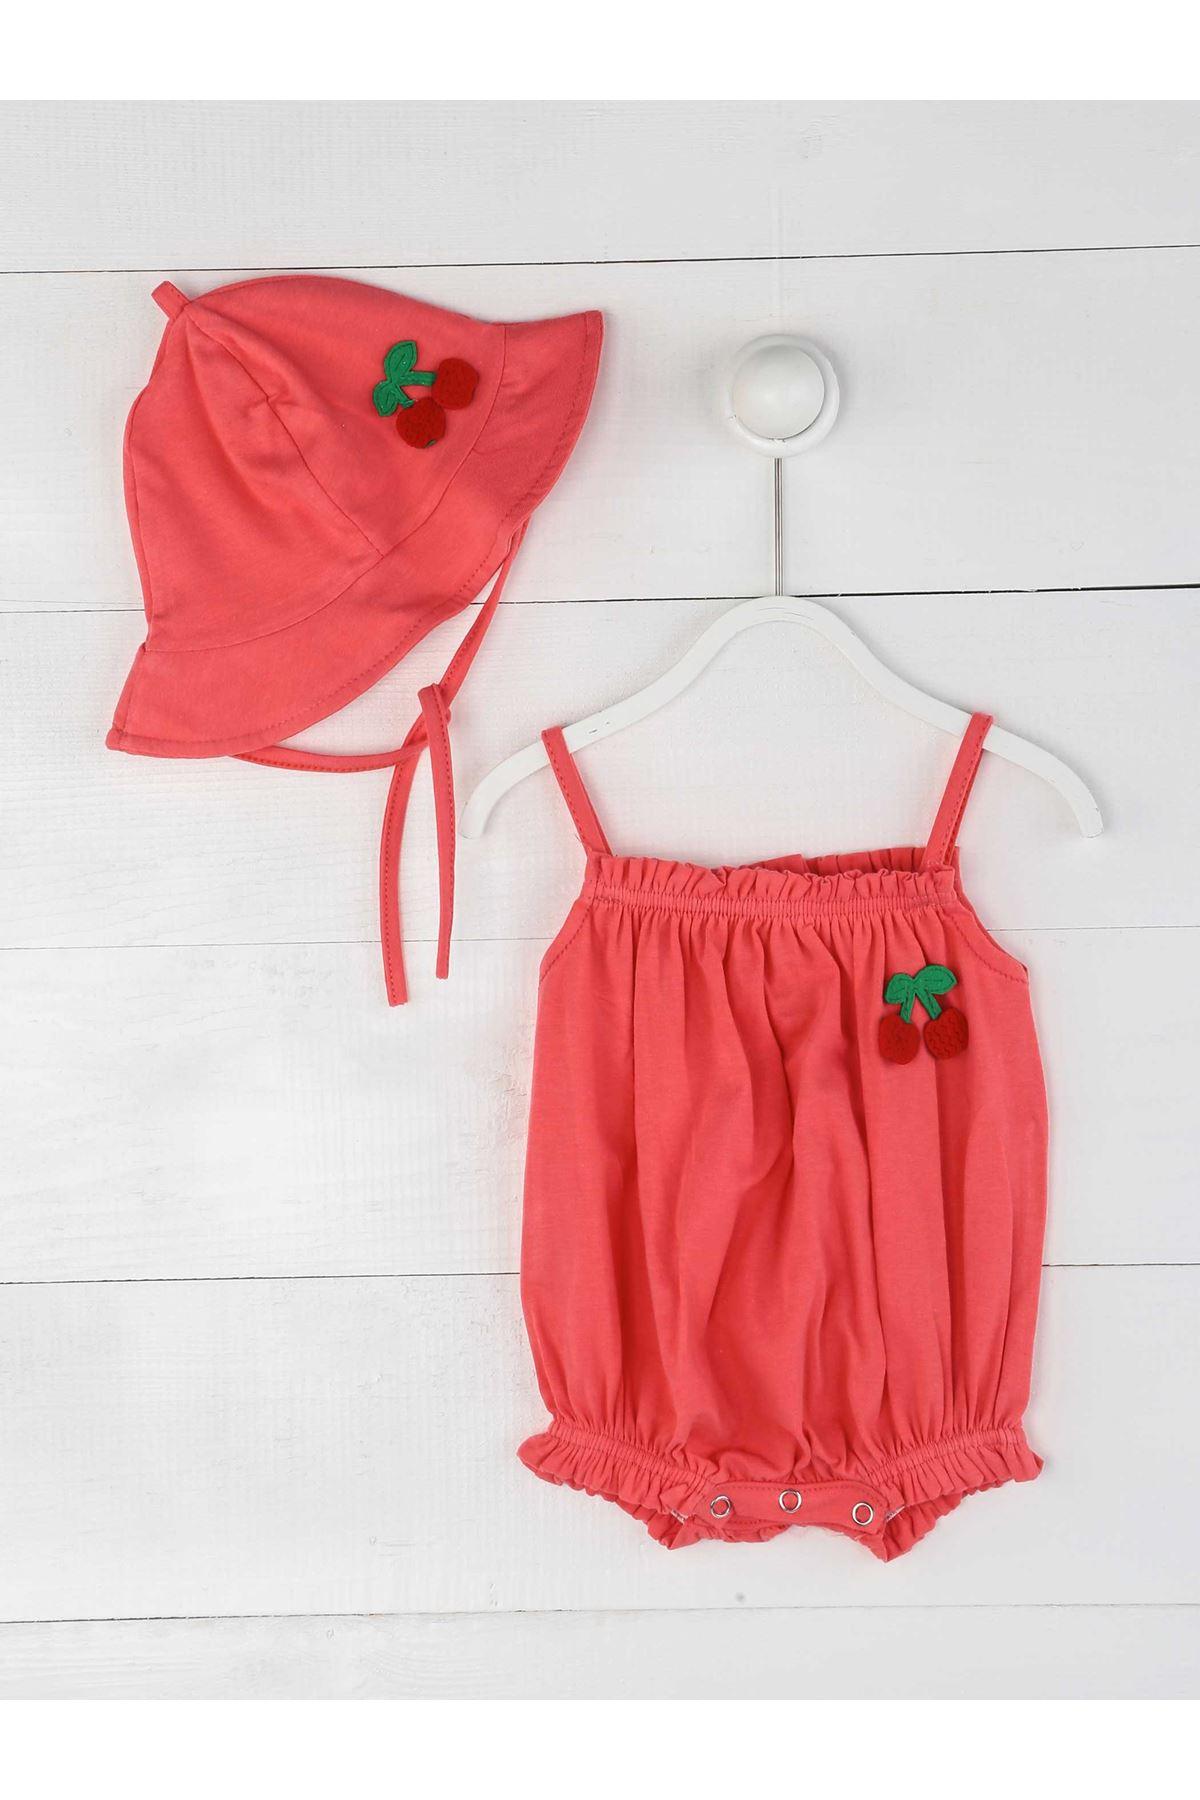 Narçiçeği Yazlık İp Askılı Kız Bebek Şapka ve Tulum